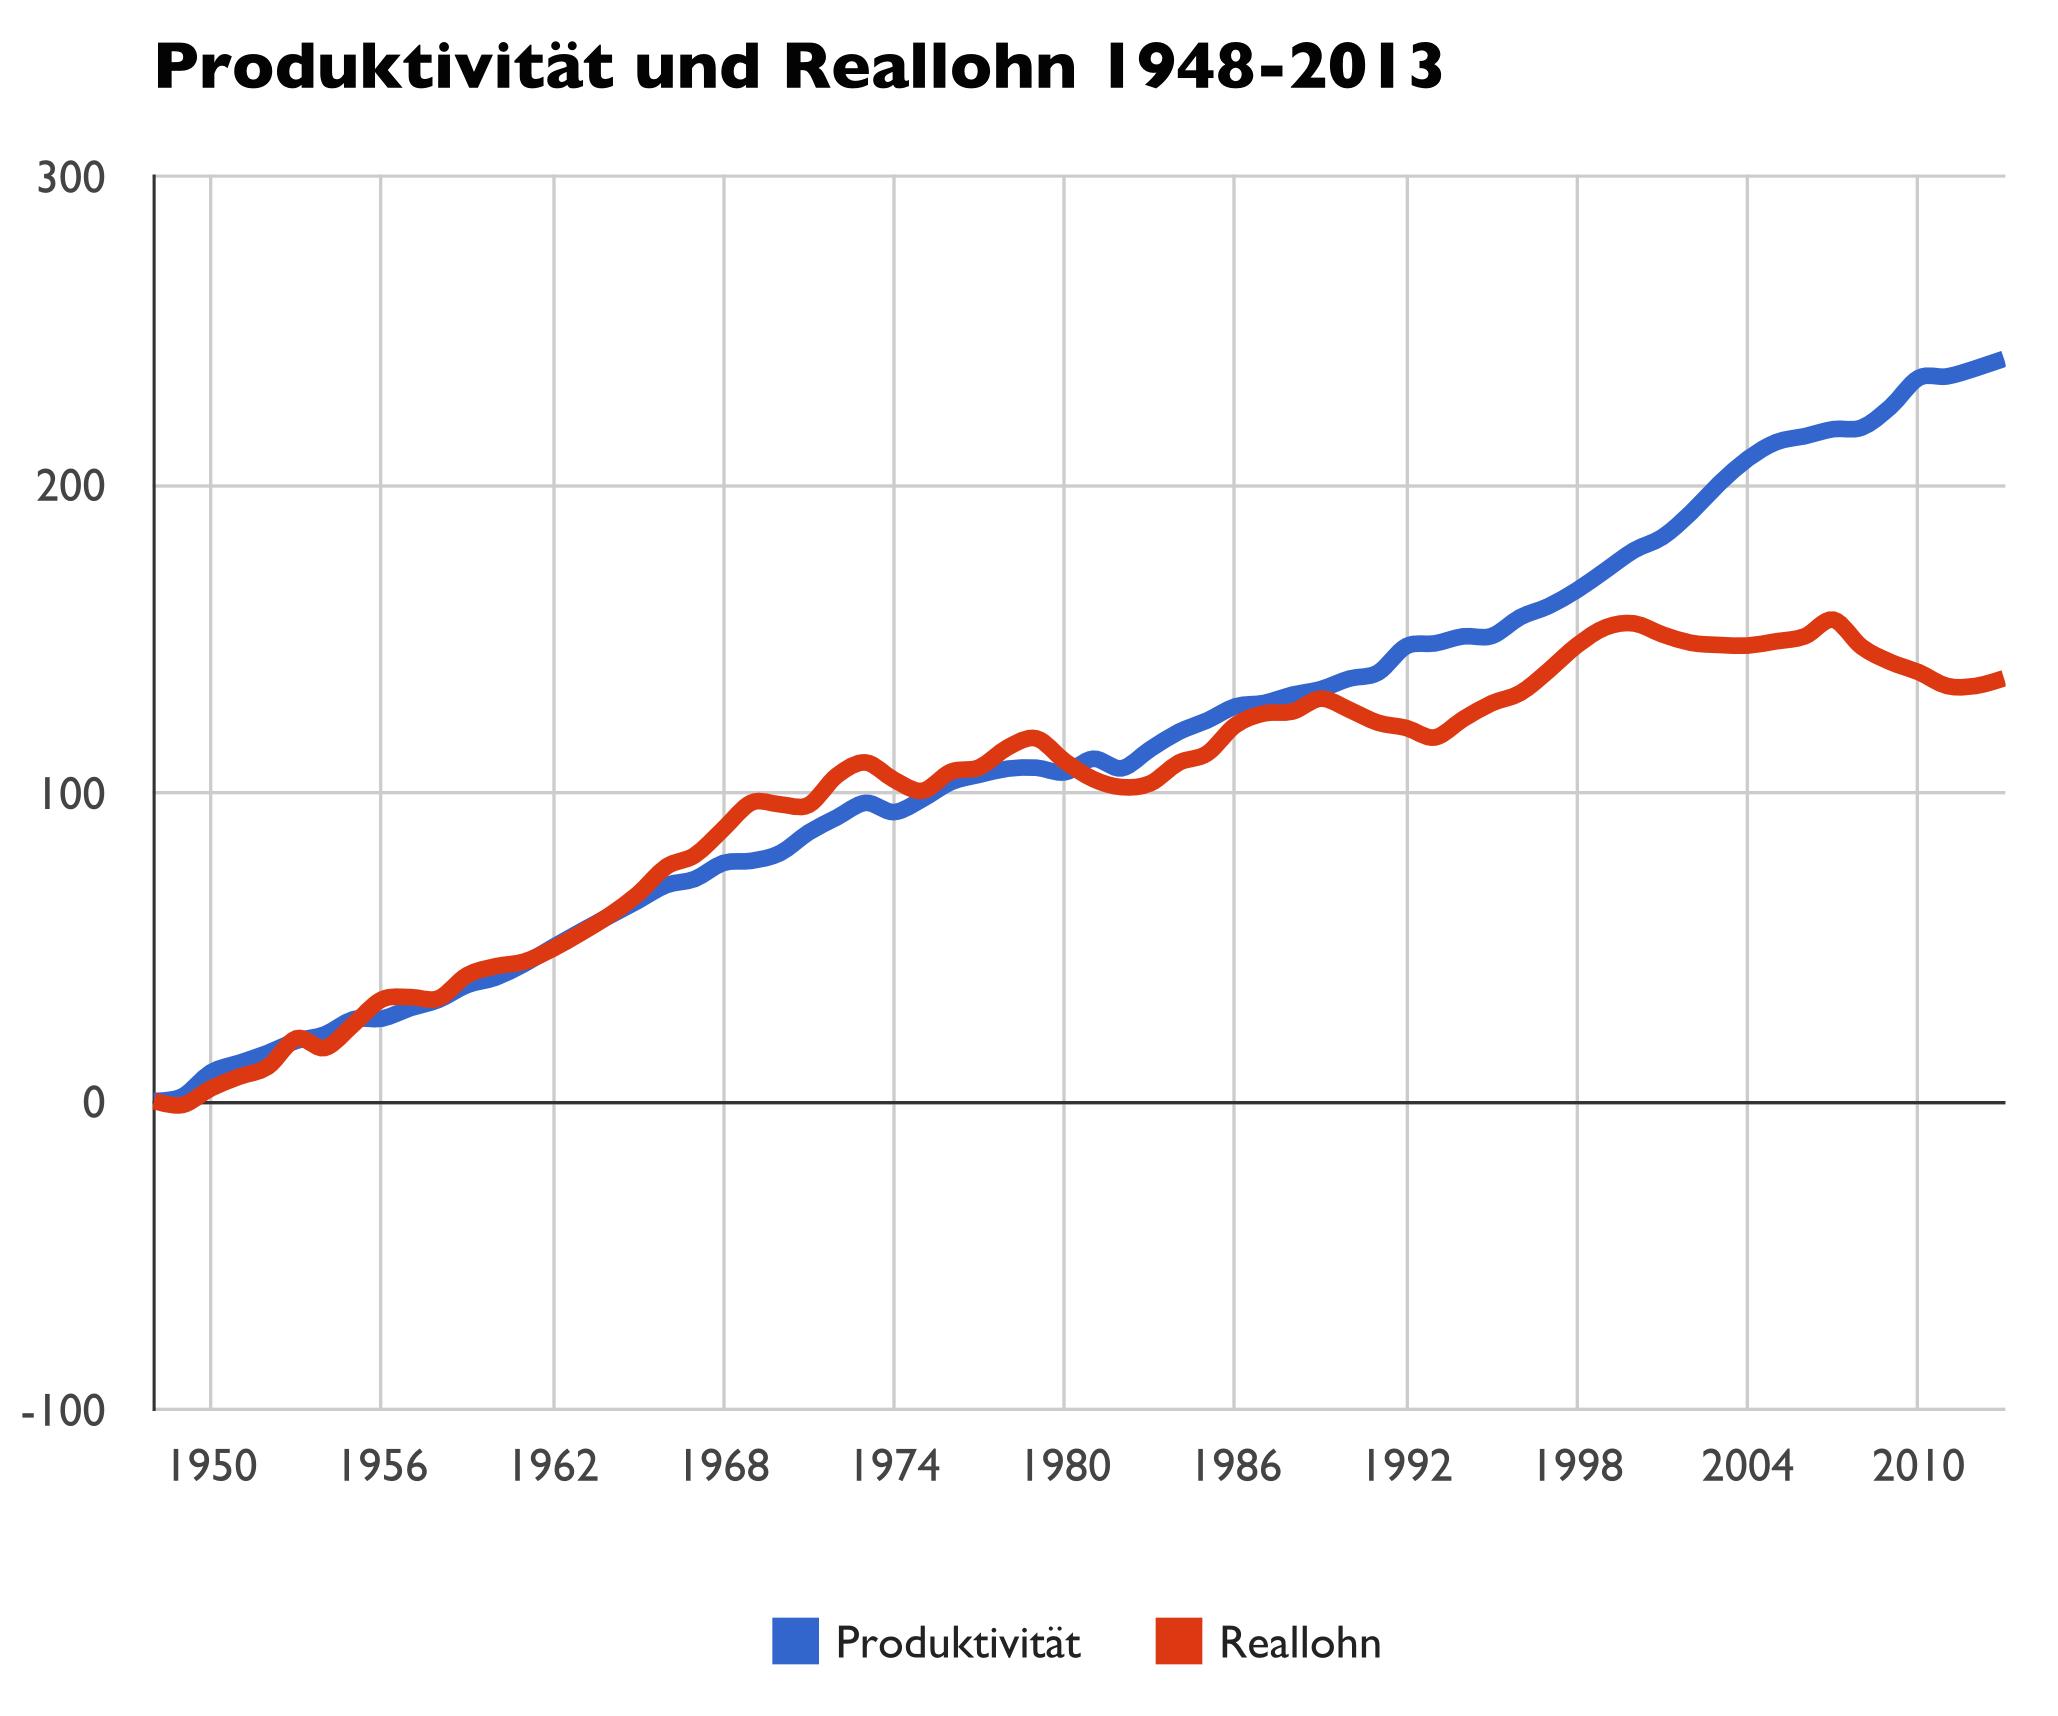 Produktivität und Reallohn